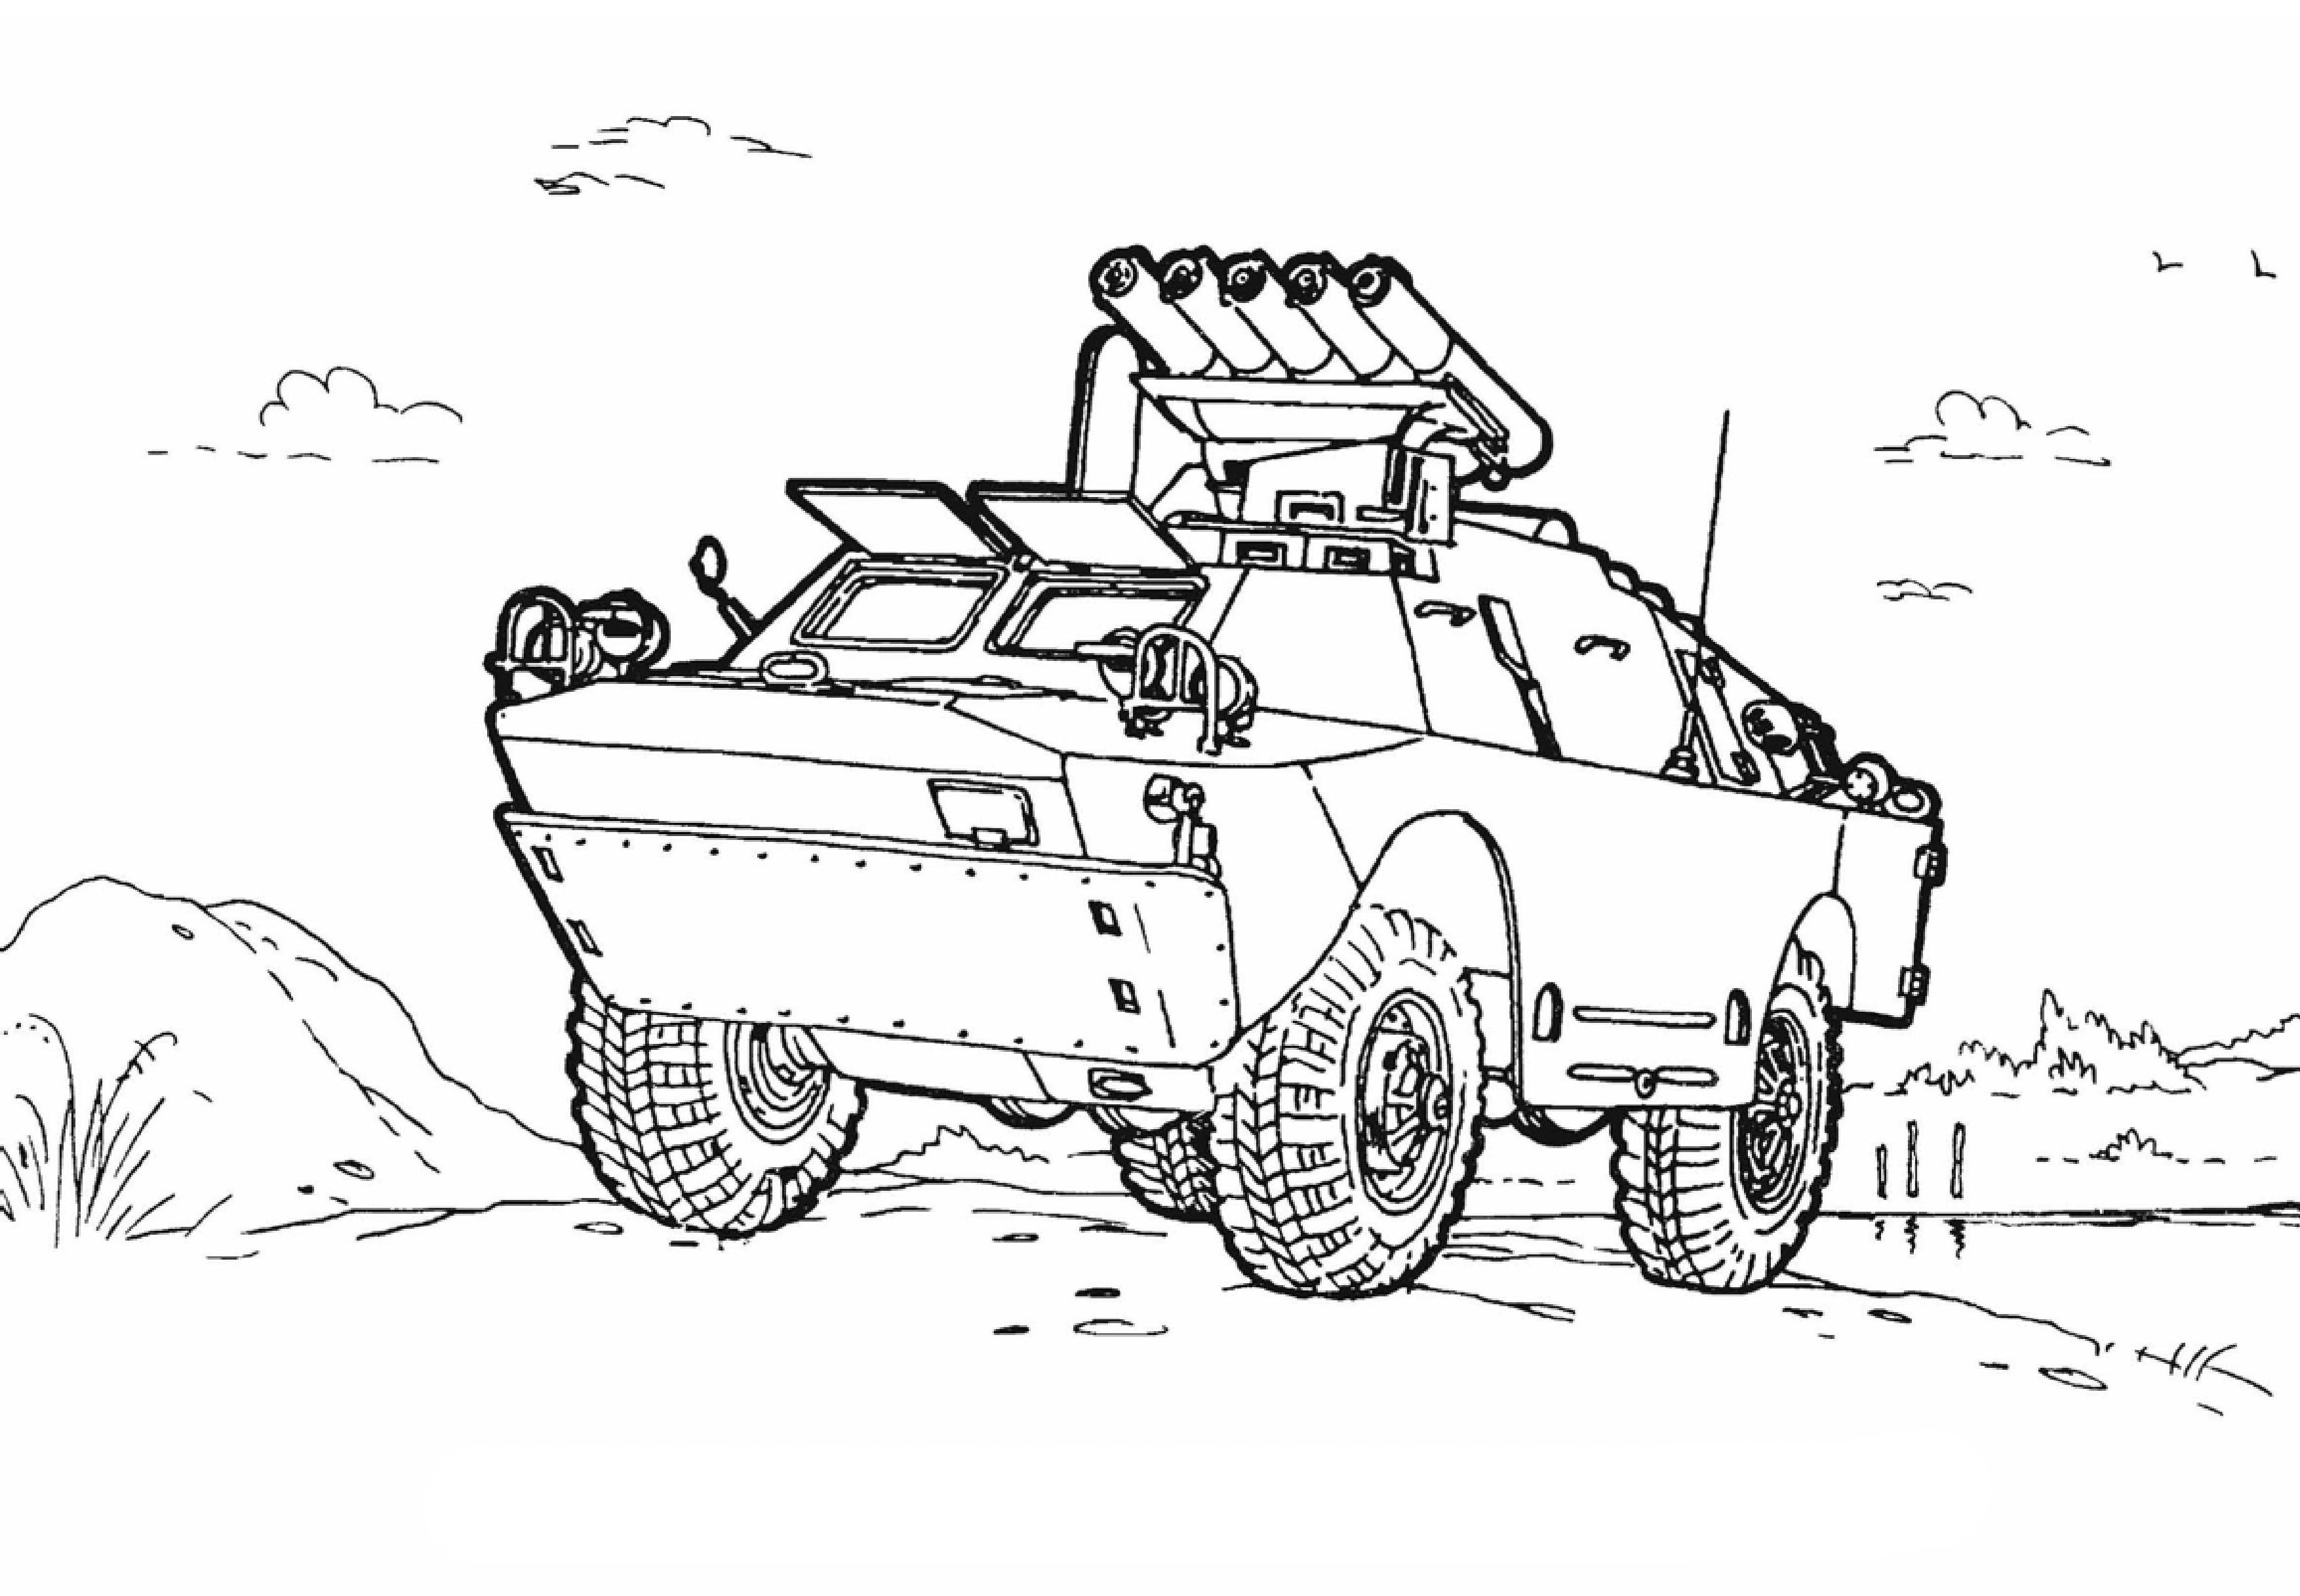 Malvorlagen Panzer Ausdrucken My Blog